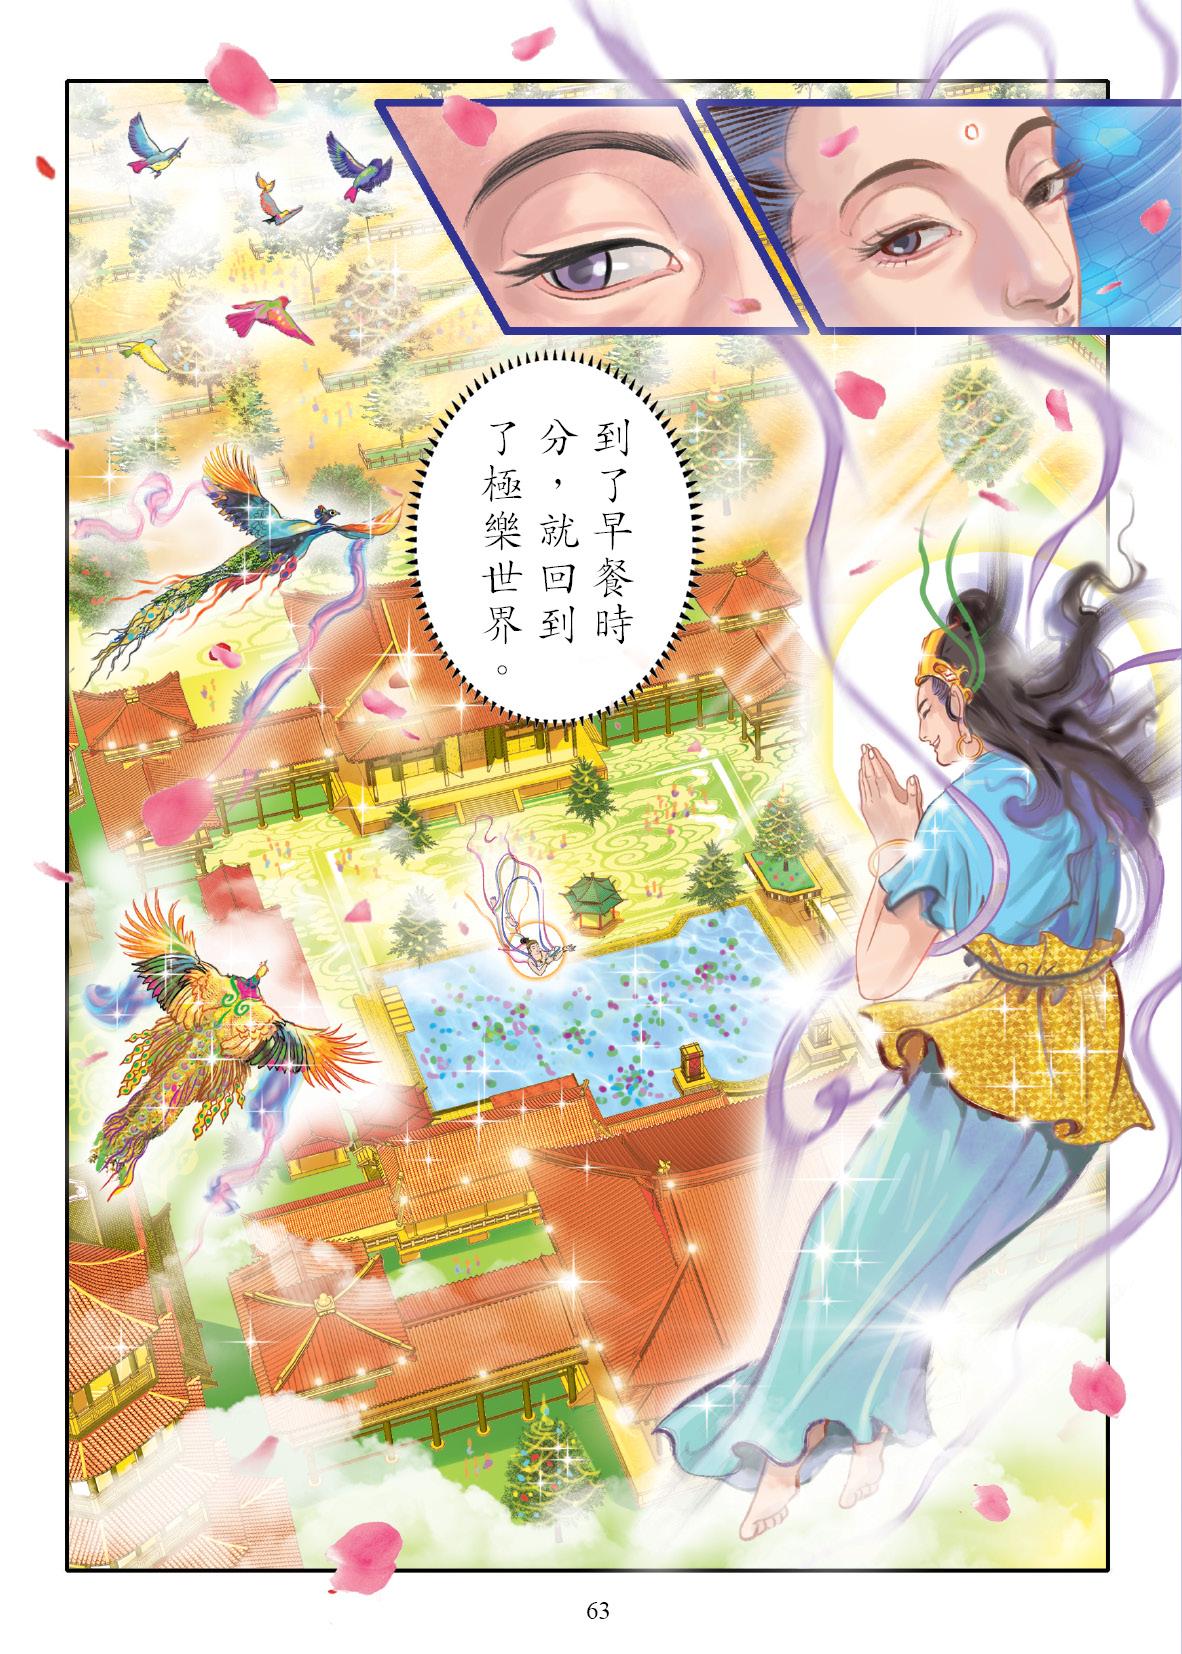 菩提漫畫專頁: 【佛說阿彌陀經漫畫2020】(繁體)全球首發布——